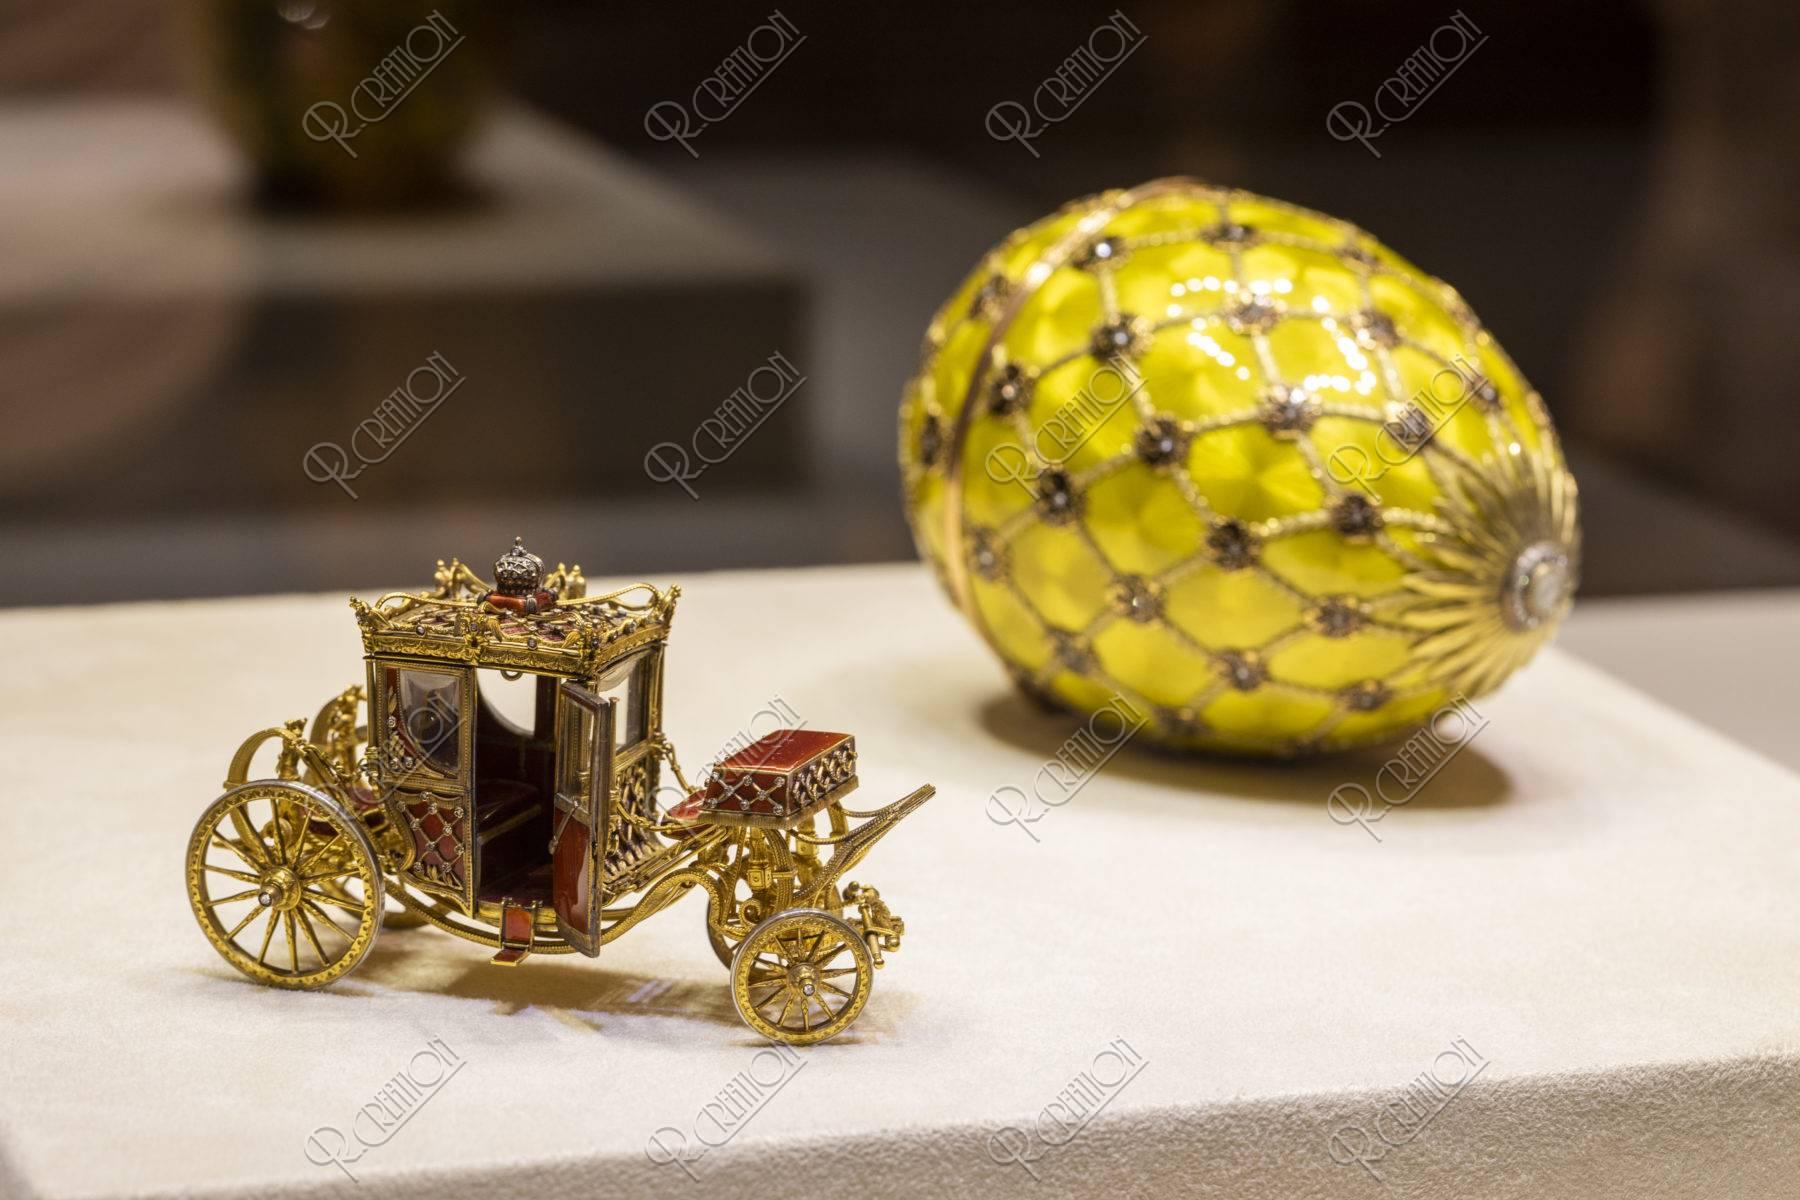 ファベルジェ博物館 イースターエッグ 戴冠式